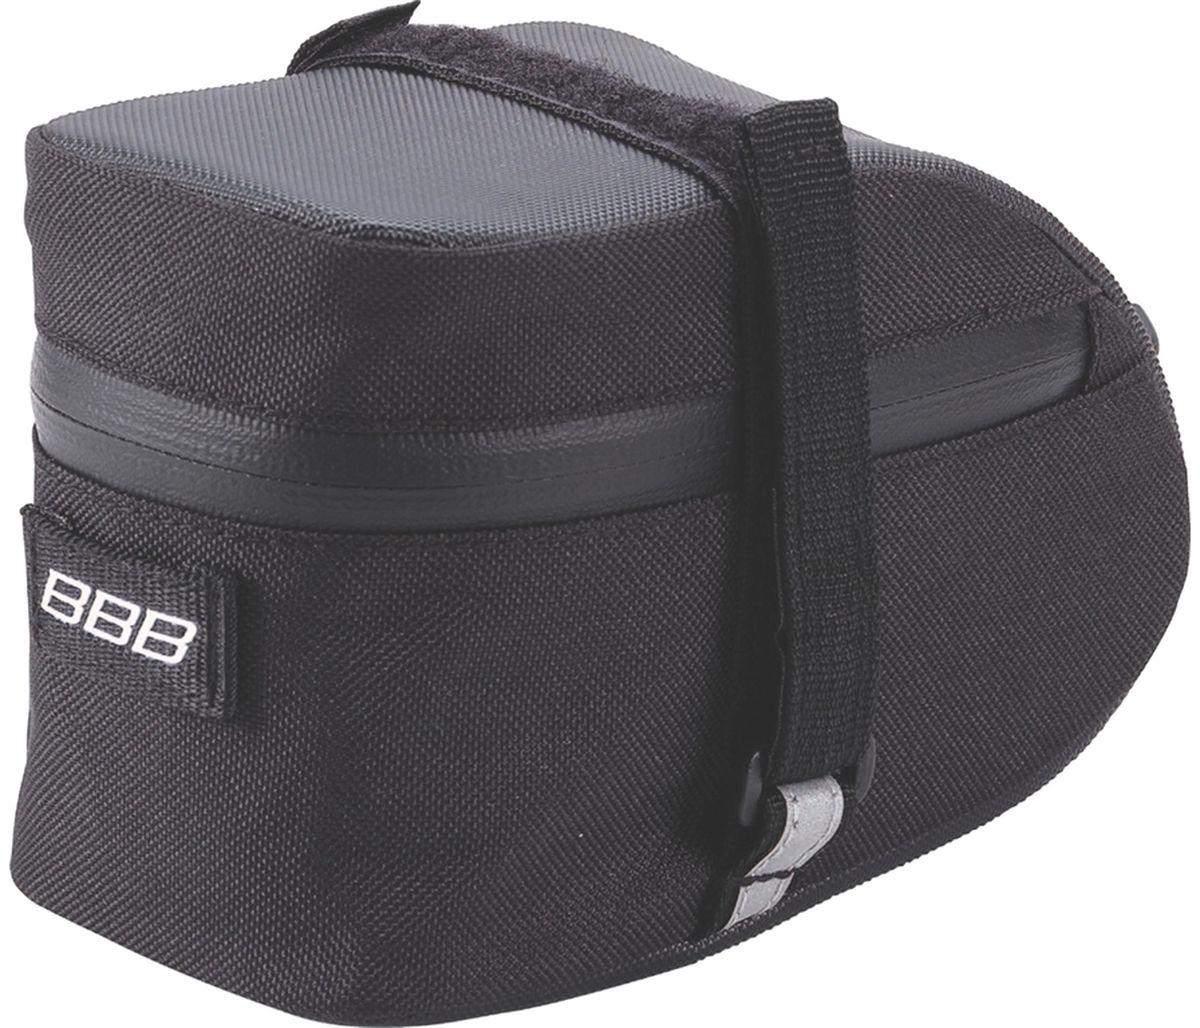 Велосумка под седло BBB EasyPack, цвет: черный. Размер MCRL-3BLВ технологичной подседельной сумке BBB EasyPack применяются лучшие материалы и новейшие технологии. Синяя подкладка обеспечивает лучшую видимость содержимого. Эластичный ремешок и карман для простоты организации содержимого вашей сумочки . Водонепроницаемая молния с фиксатором дает дополнительную безопасность и абсолютно бесшумна при езде. Крепление для заднего габарита-LED фонарика. Черная светоотражающая полоска обеспечивает лучшую видимость вас на дороге. Двойная застежка на липучке помогает просто и быстро установить/снять сумку. Резиновый ремешок крепления к подседельному штырю для надежной фиксации сумочки и во избежание повреждений лайкровых шорт и подседельного штыря.